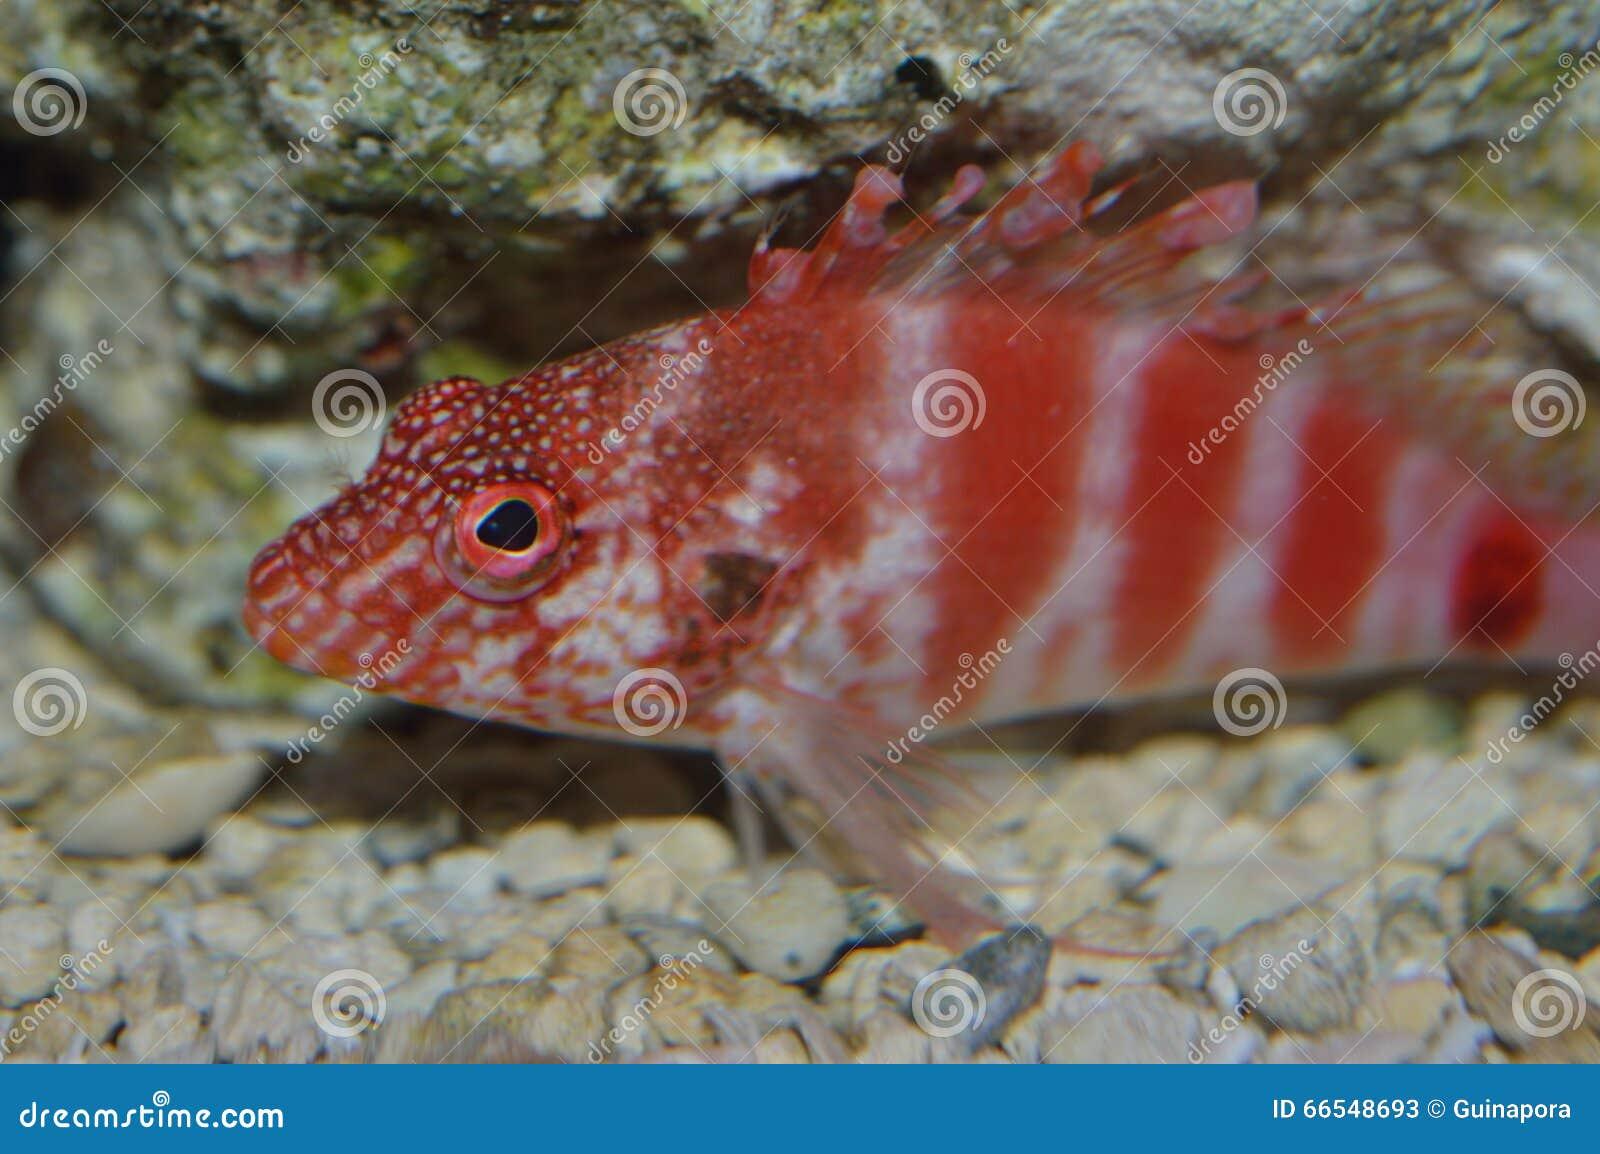 Red Hawaiian hawk fish